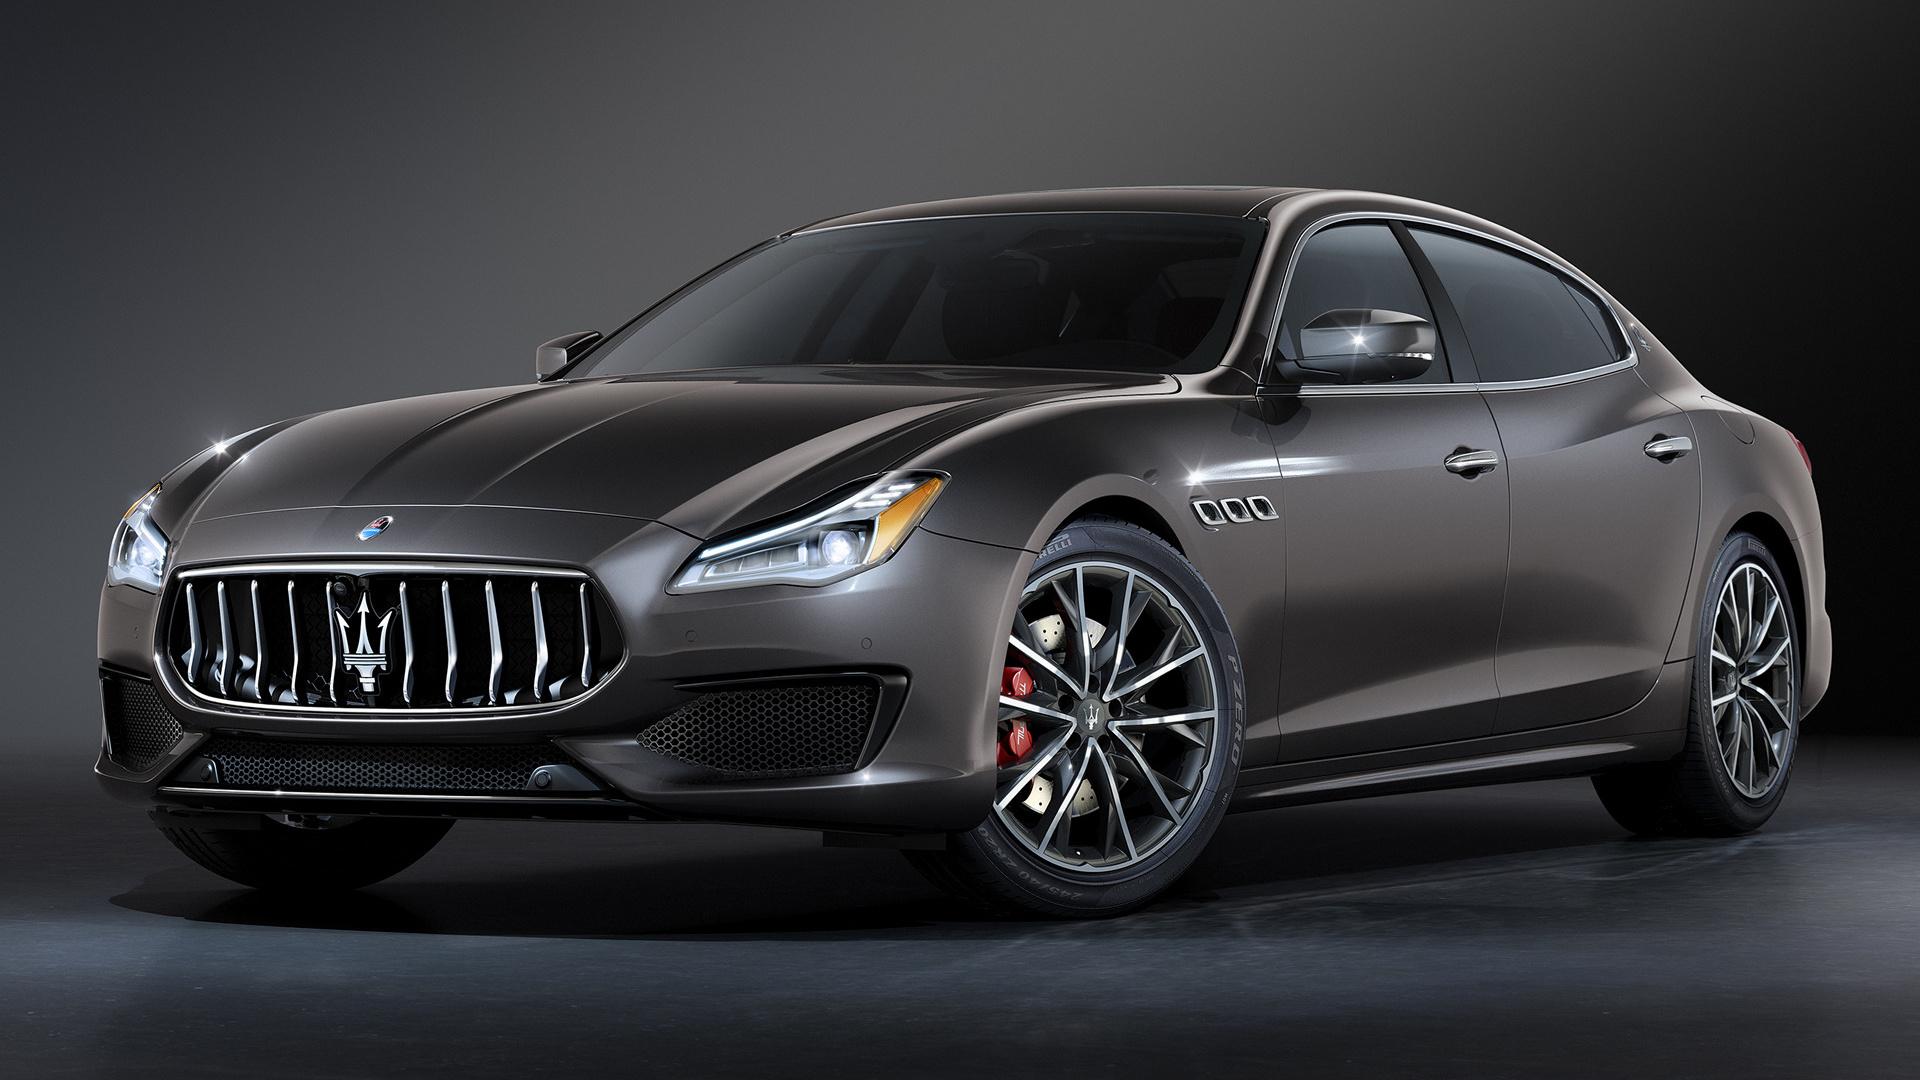 Maserati Quattroporte 3.0 V6 4wd Aut. 8v